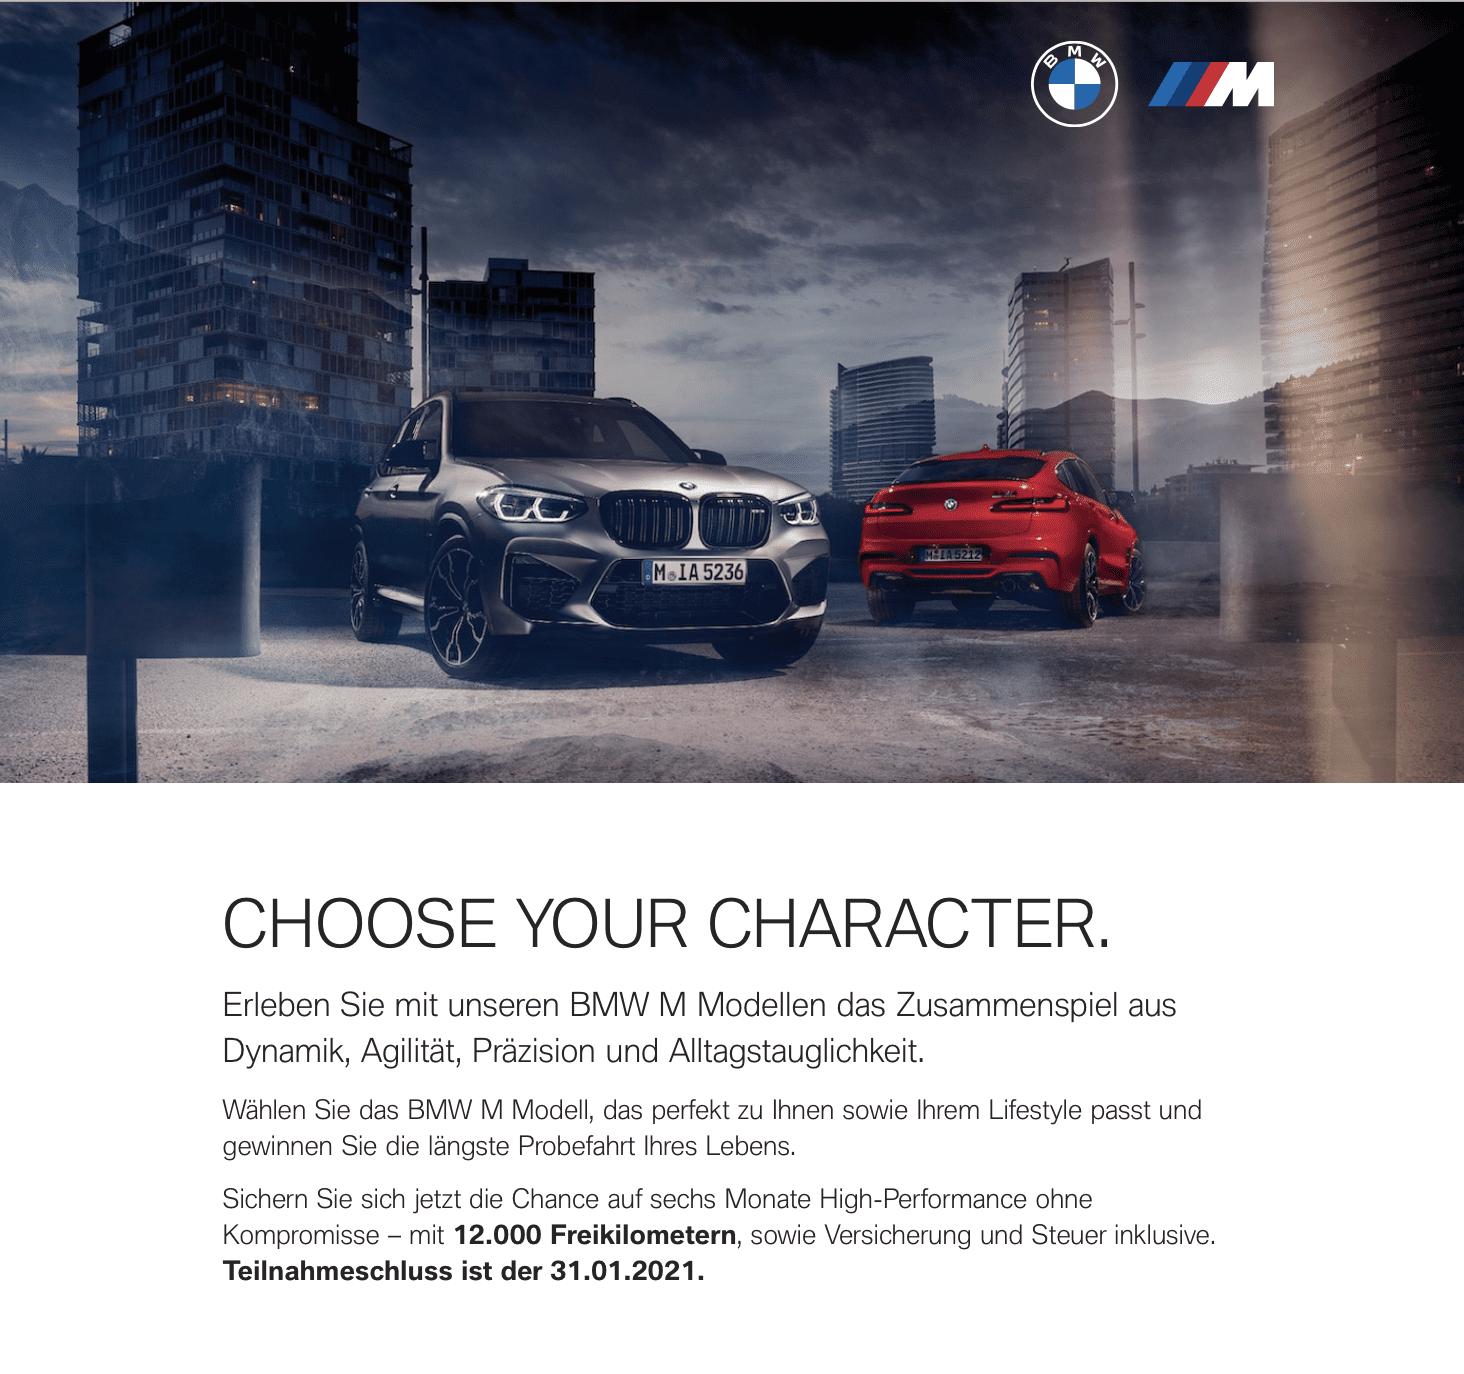 BMW Gewinnspiel: CHOOSE YOUR CHARACTER